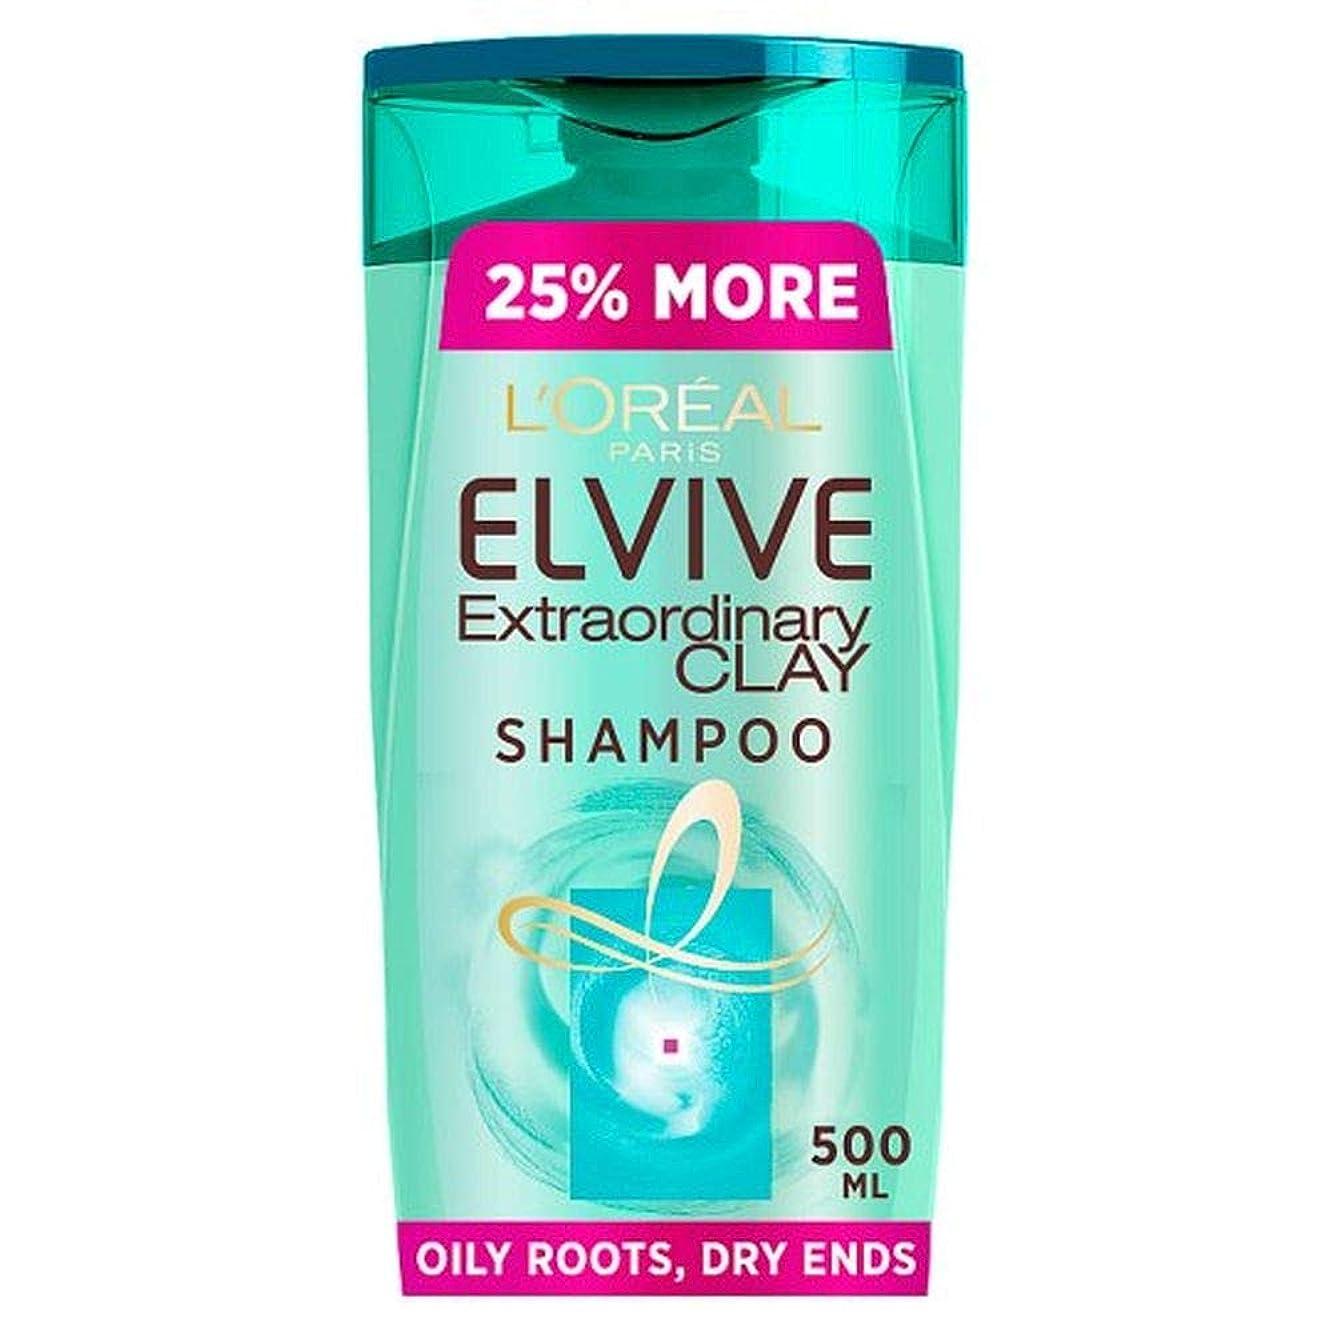 感情の納屋言い聞かせる[Elvive] ロレアルのElvive粘土油性根シャンプー500ミリリットル - L'oreal Elvive Clay Oily Roots Shampoo 500Ml [並行輸入品]